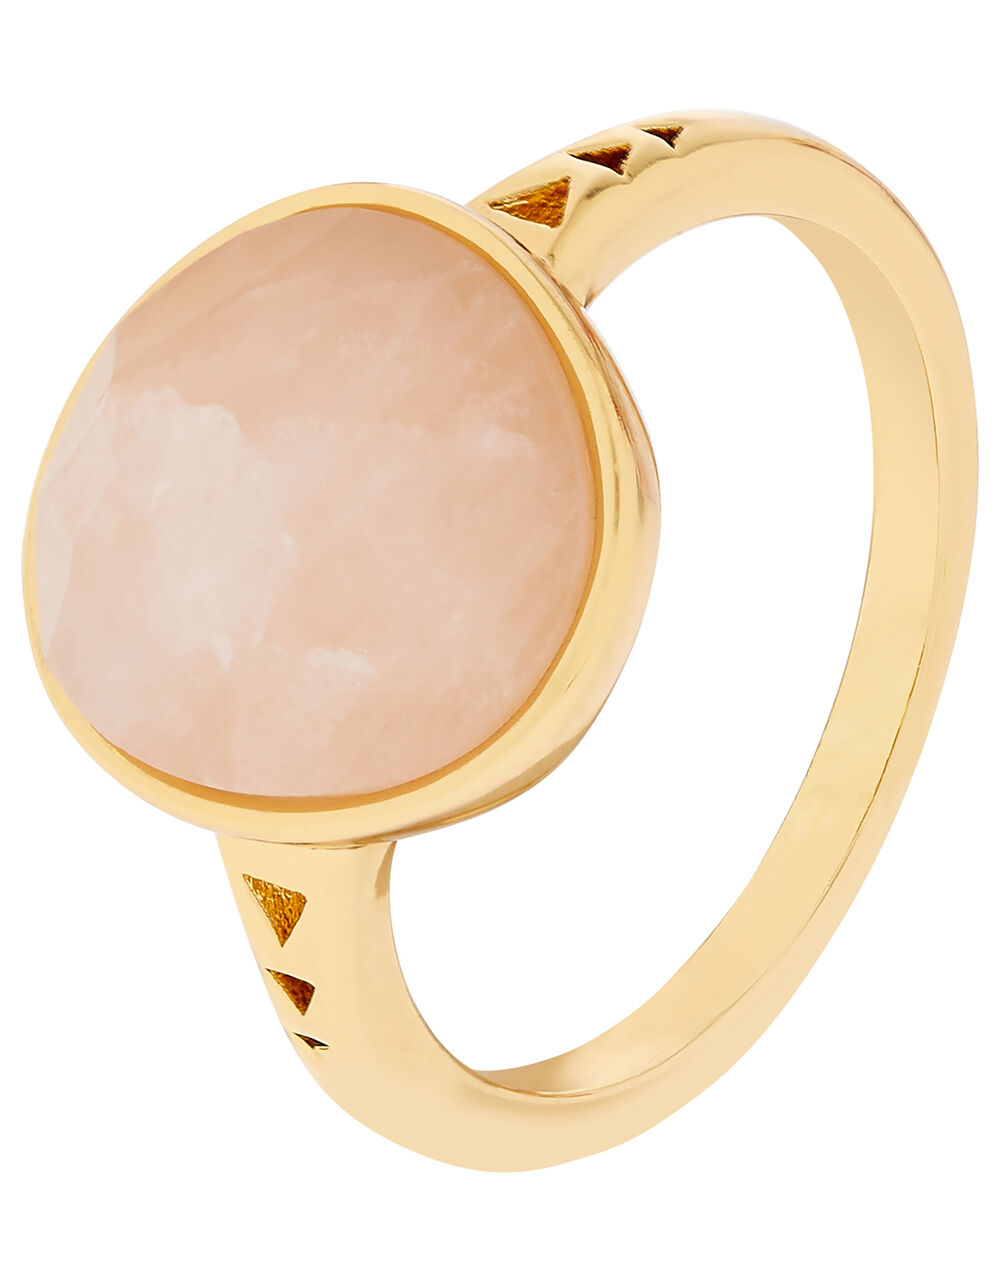 Healing Stones Rose Quartz Ring, Pink (PINK), large